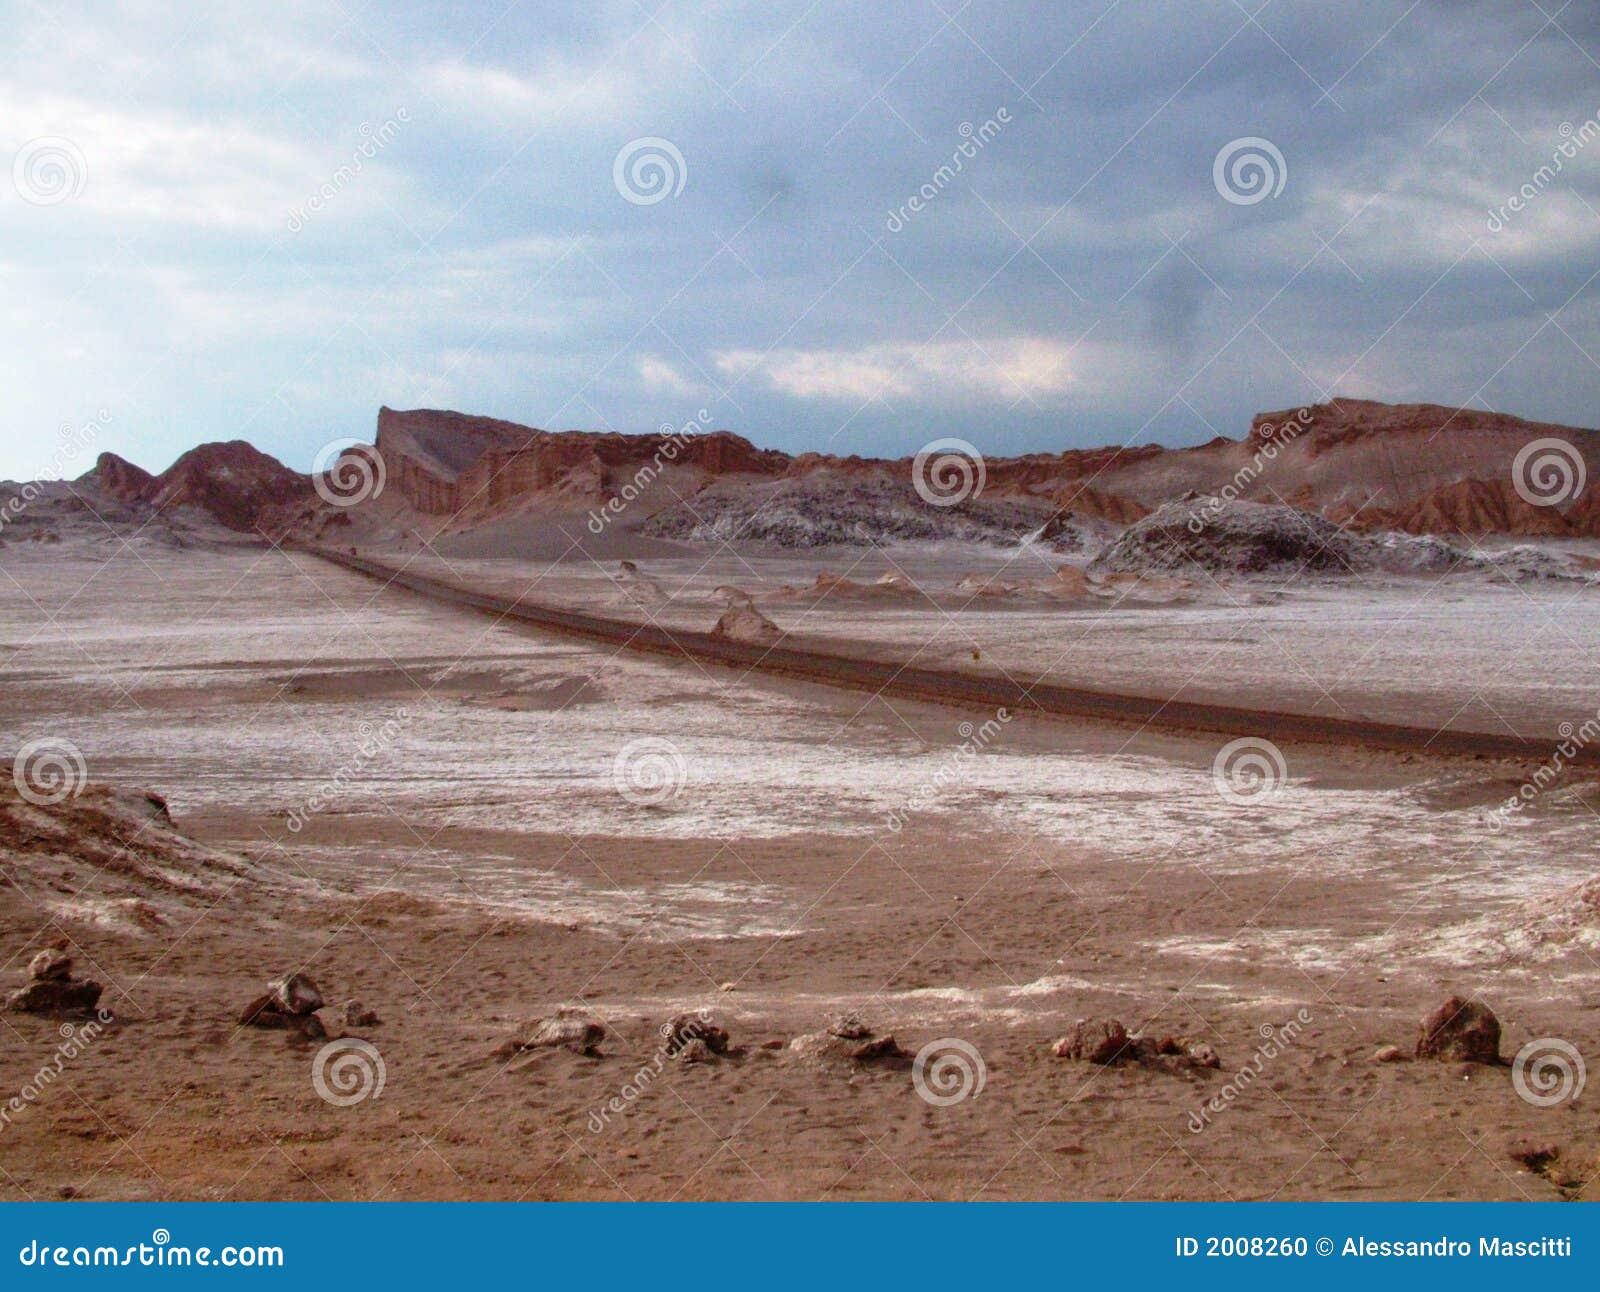 Della Luna de Valle - vale da lua (deserto de Atacama, o Chile)